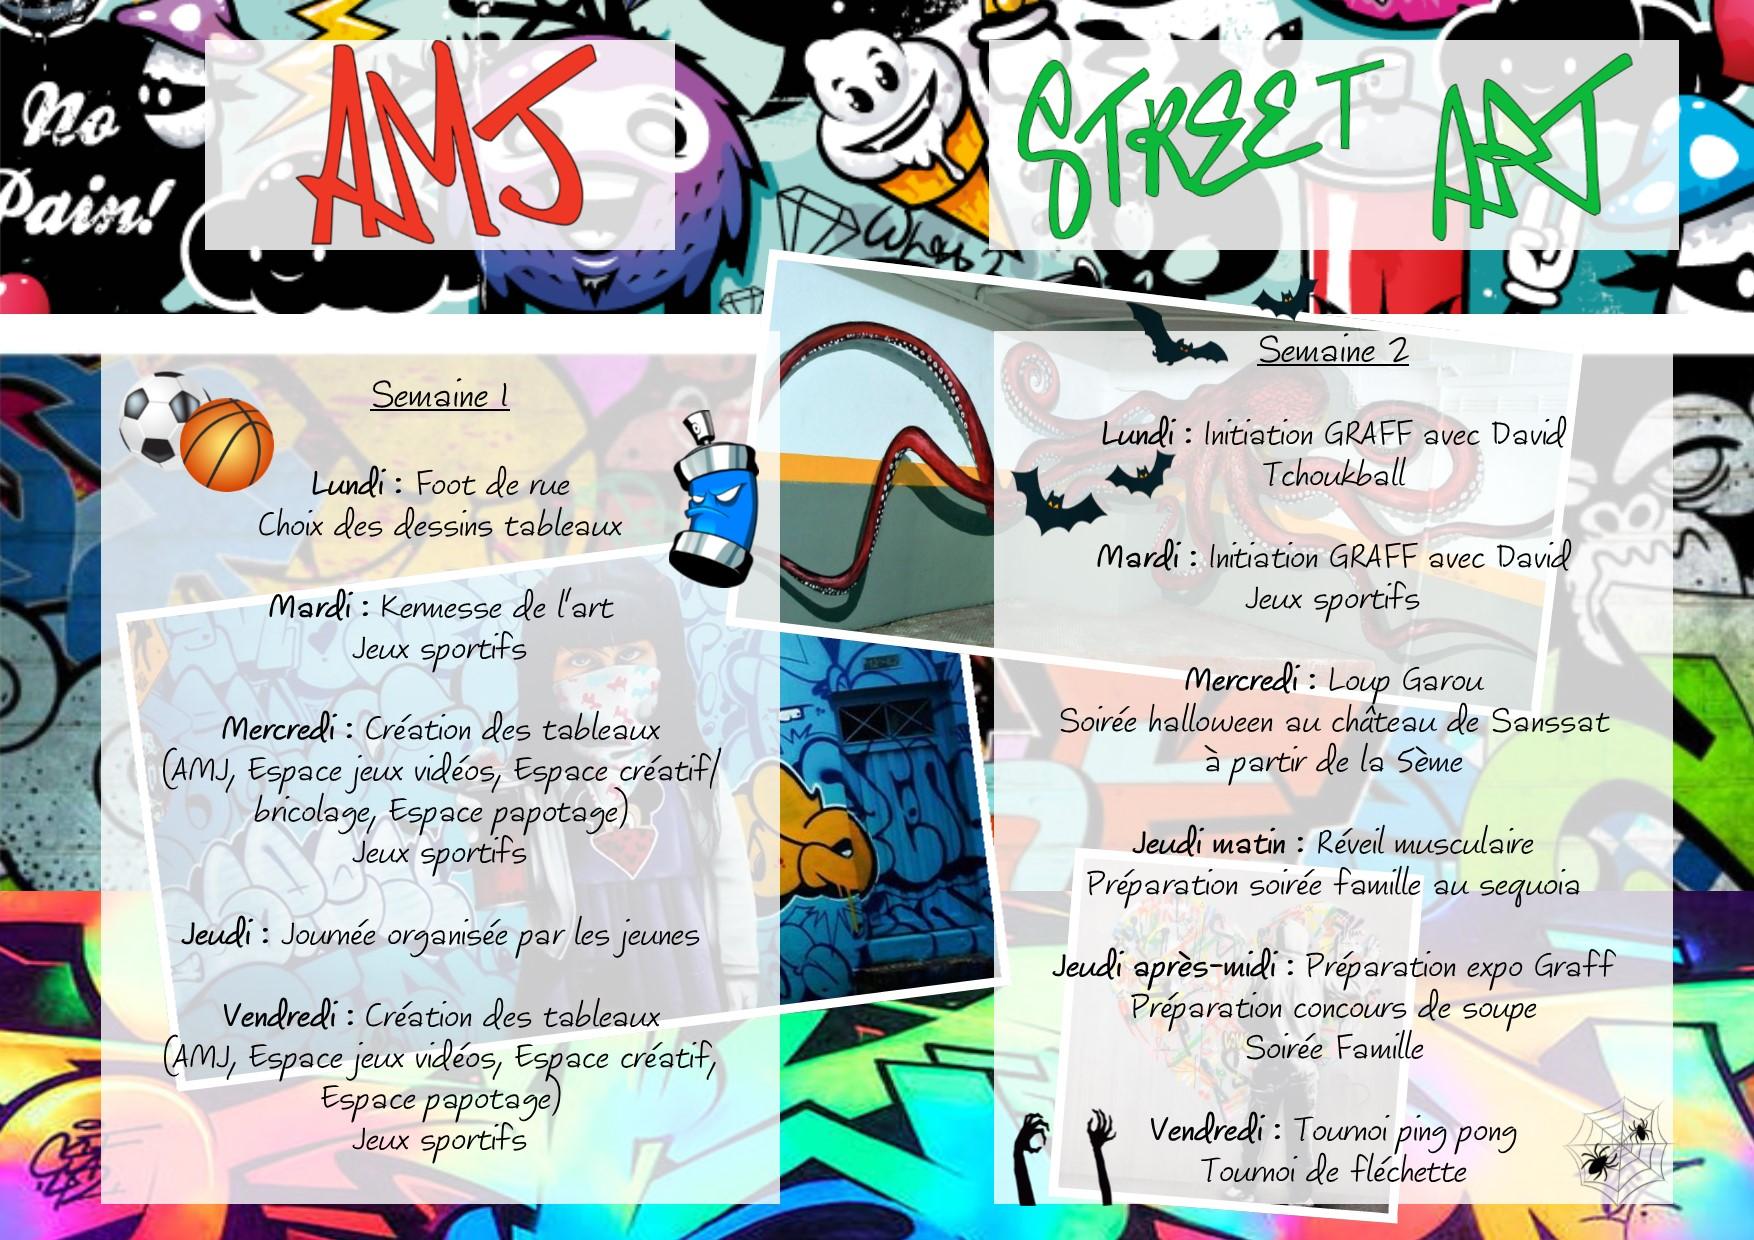 programme street art amj.jpg